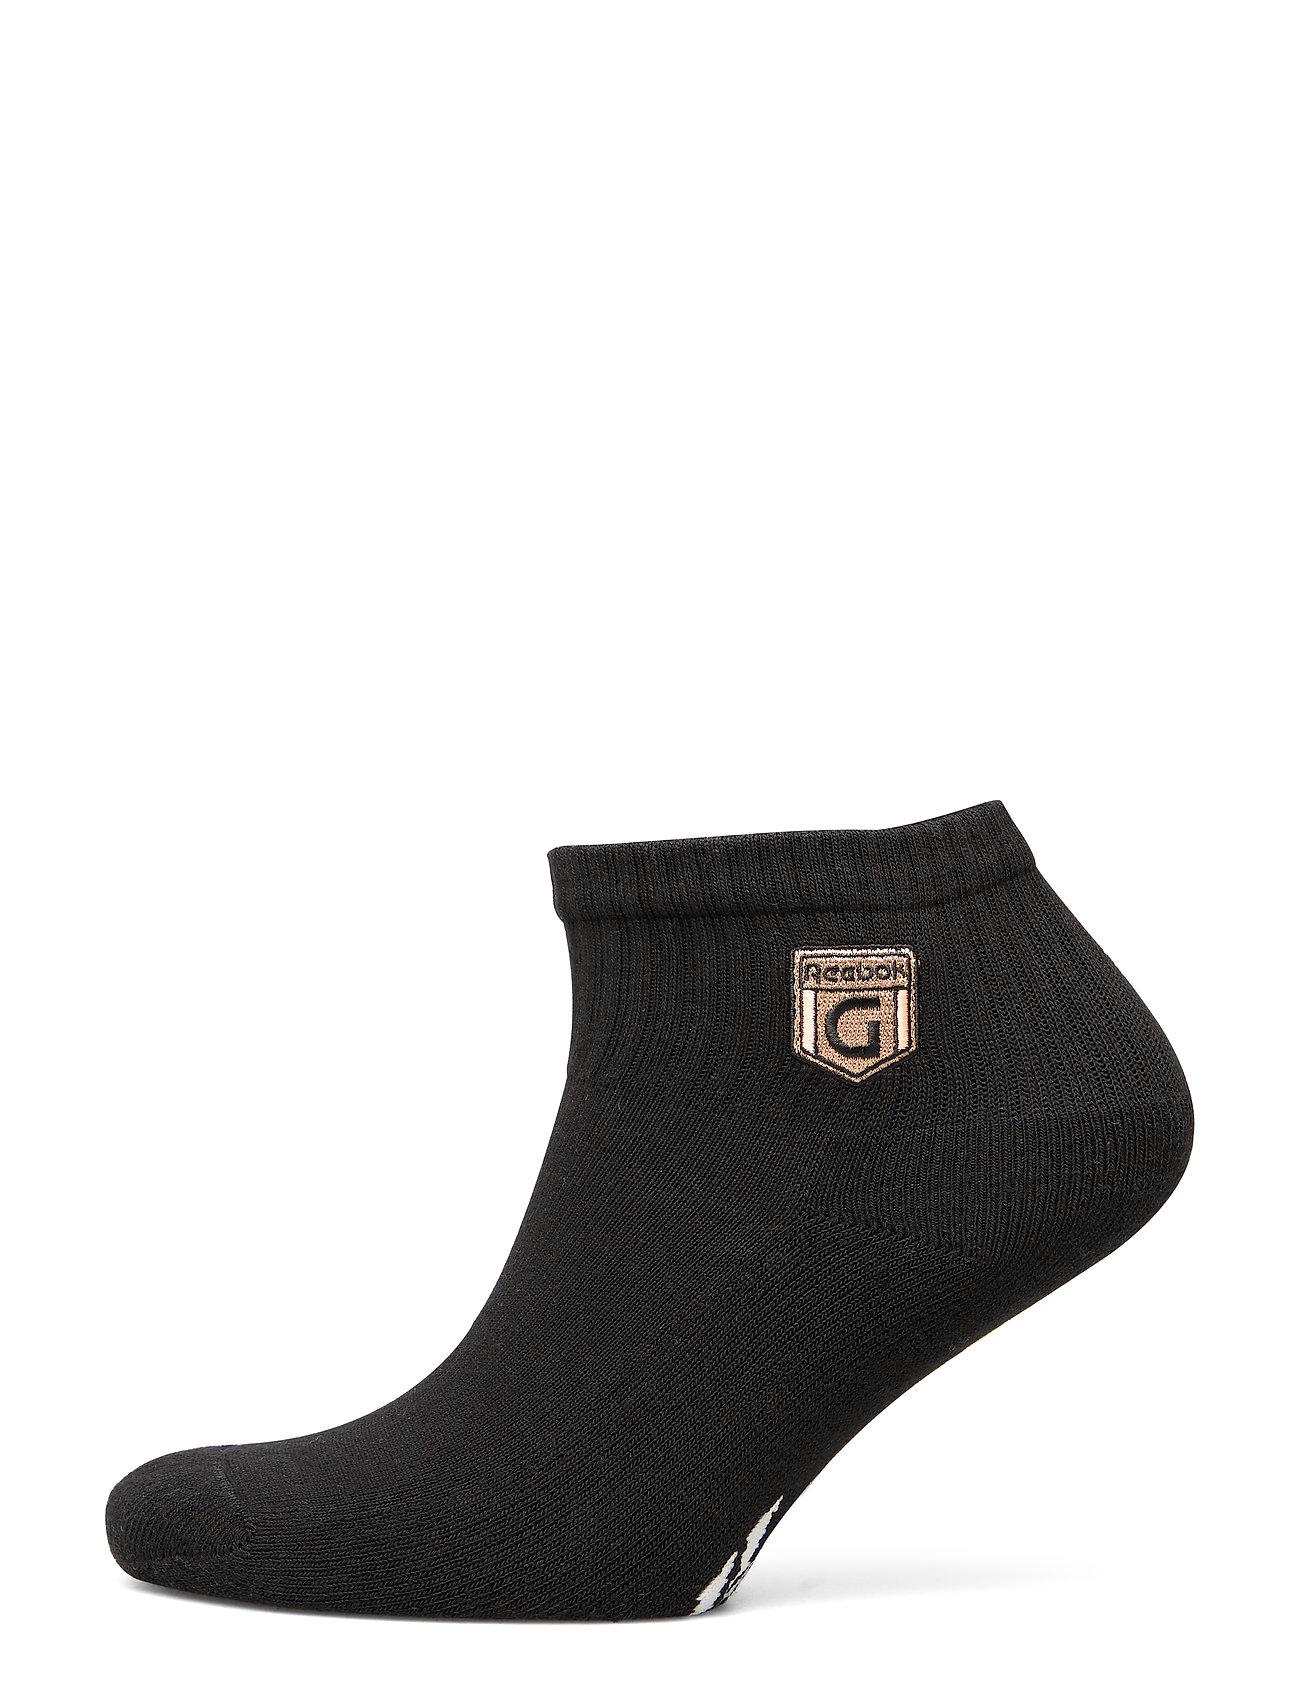 Reebok Classics CL Gigi Hadid Ankle socks - BLACK